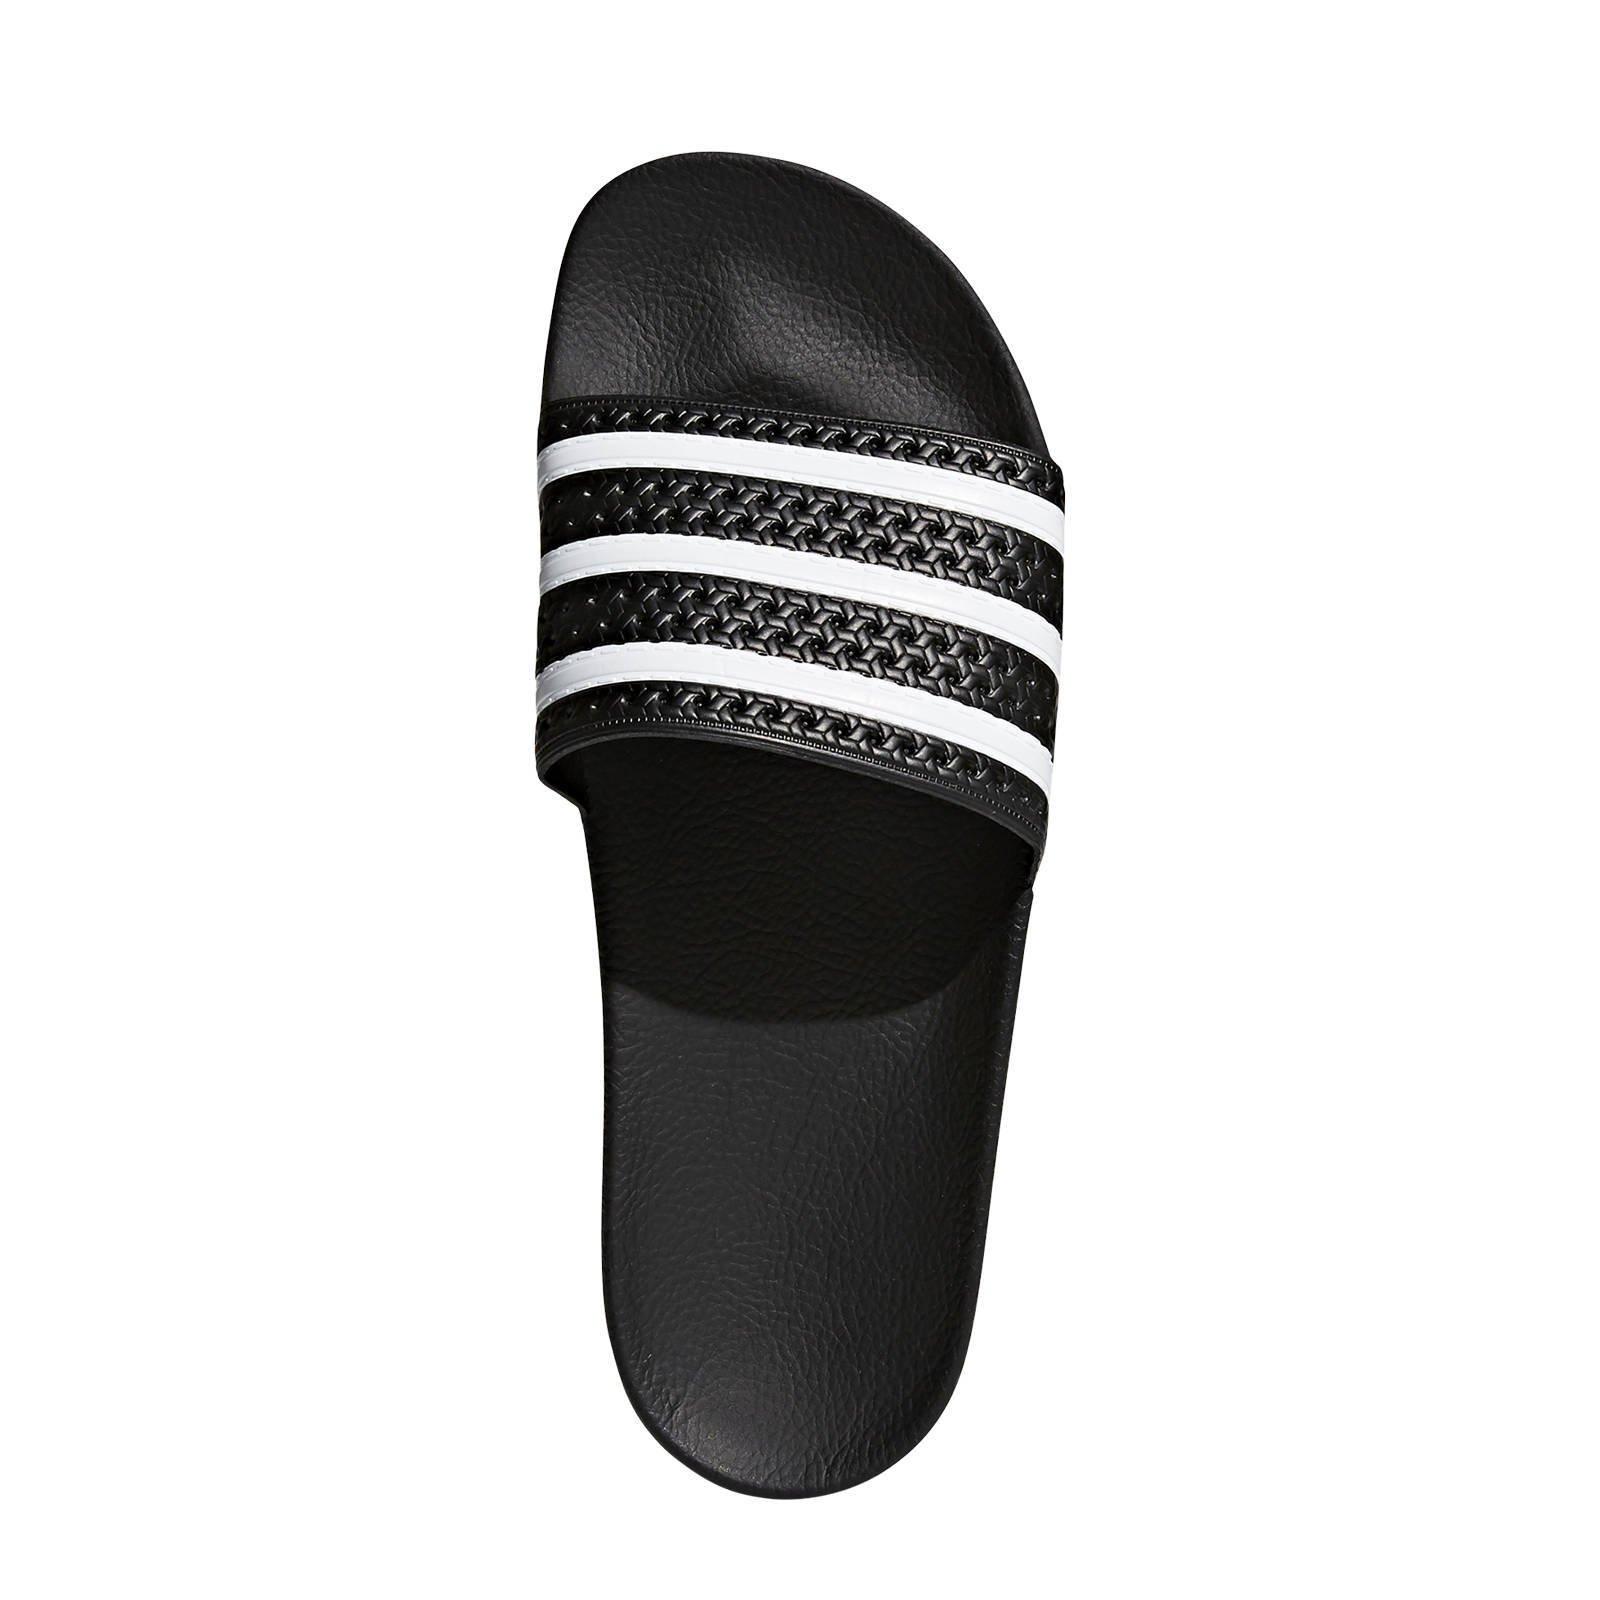 Dames slippers bij wehkamp Gratis bezorging vanaf 20.